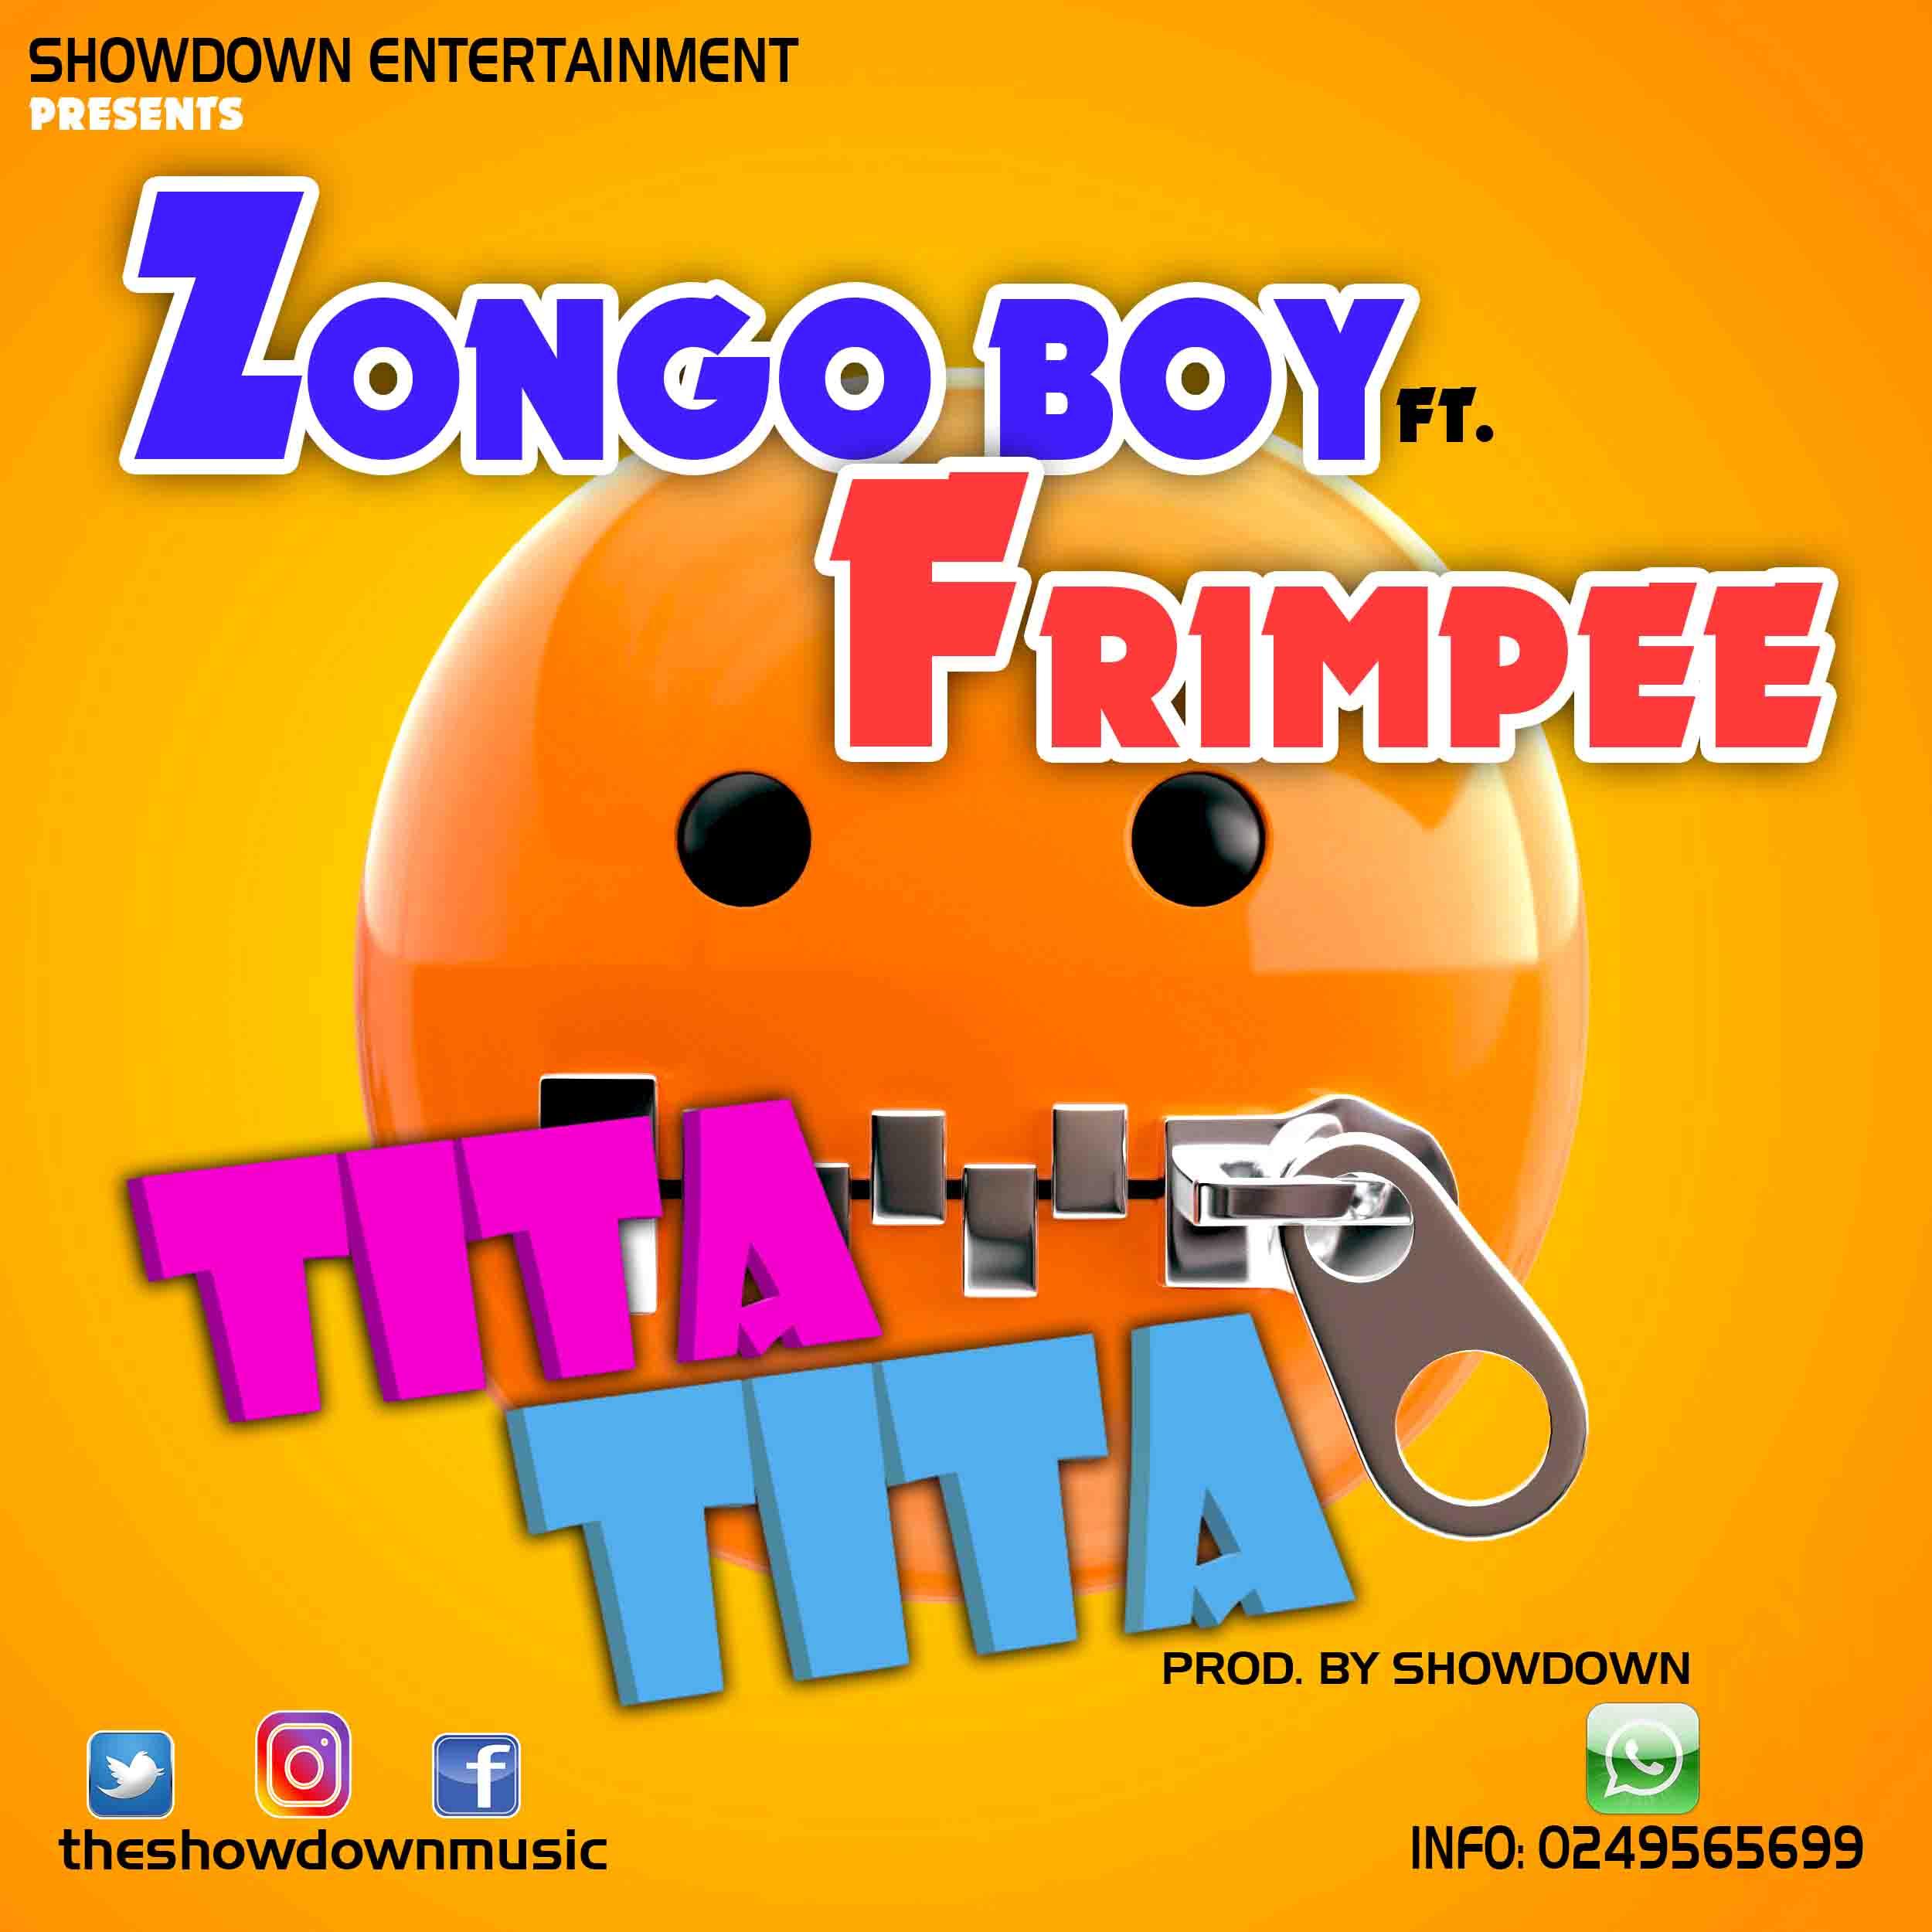 Zongo Boy Ft. Frim Pee - TiTa TiTa (Prod. By ShOwDoWn)